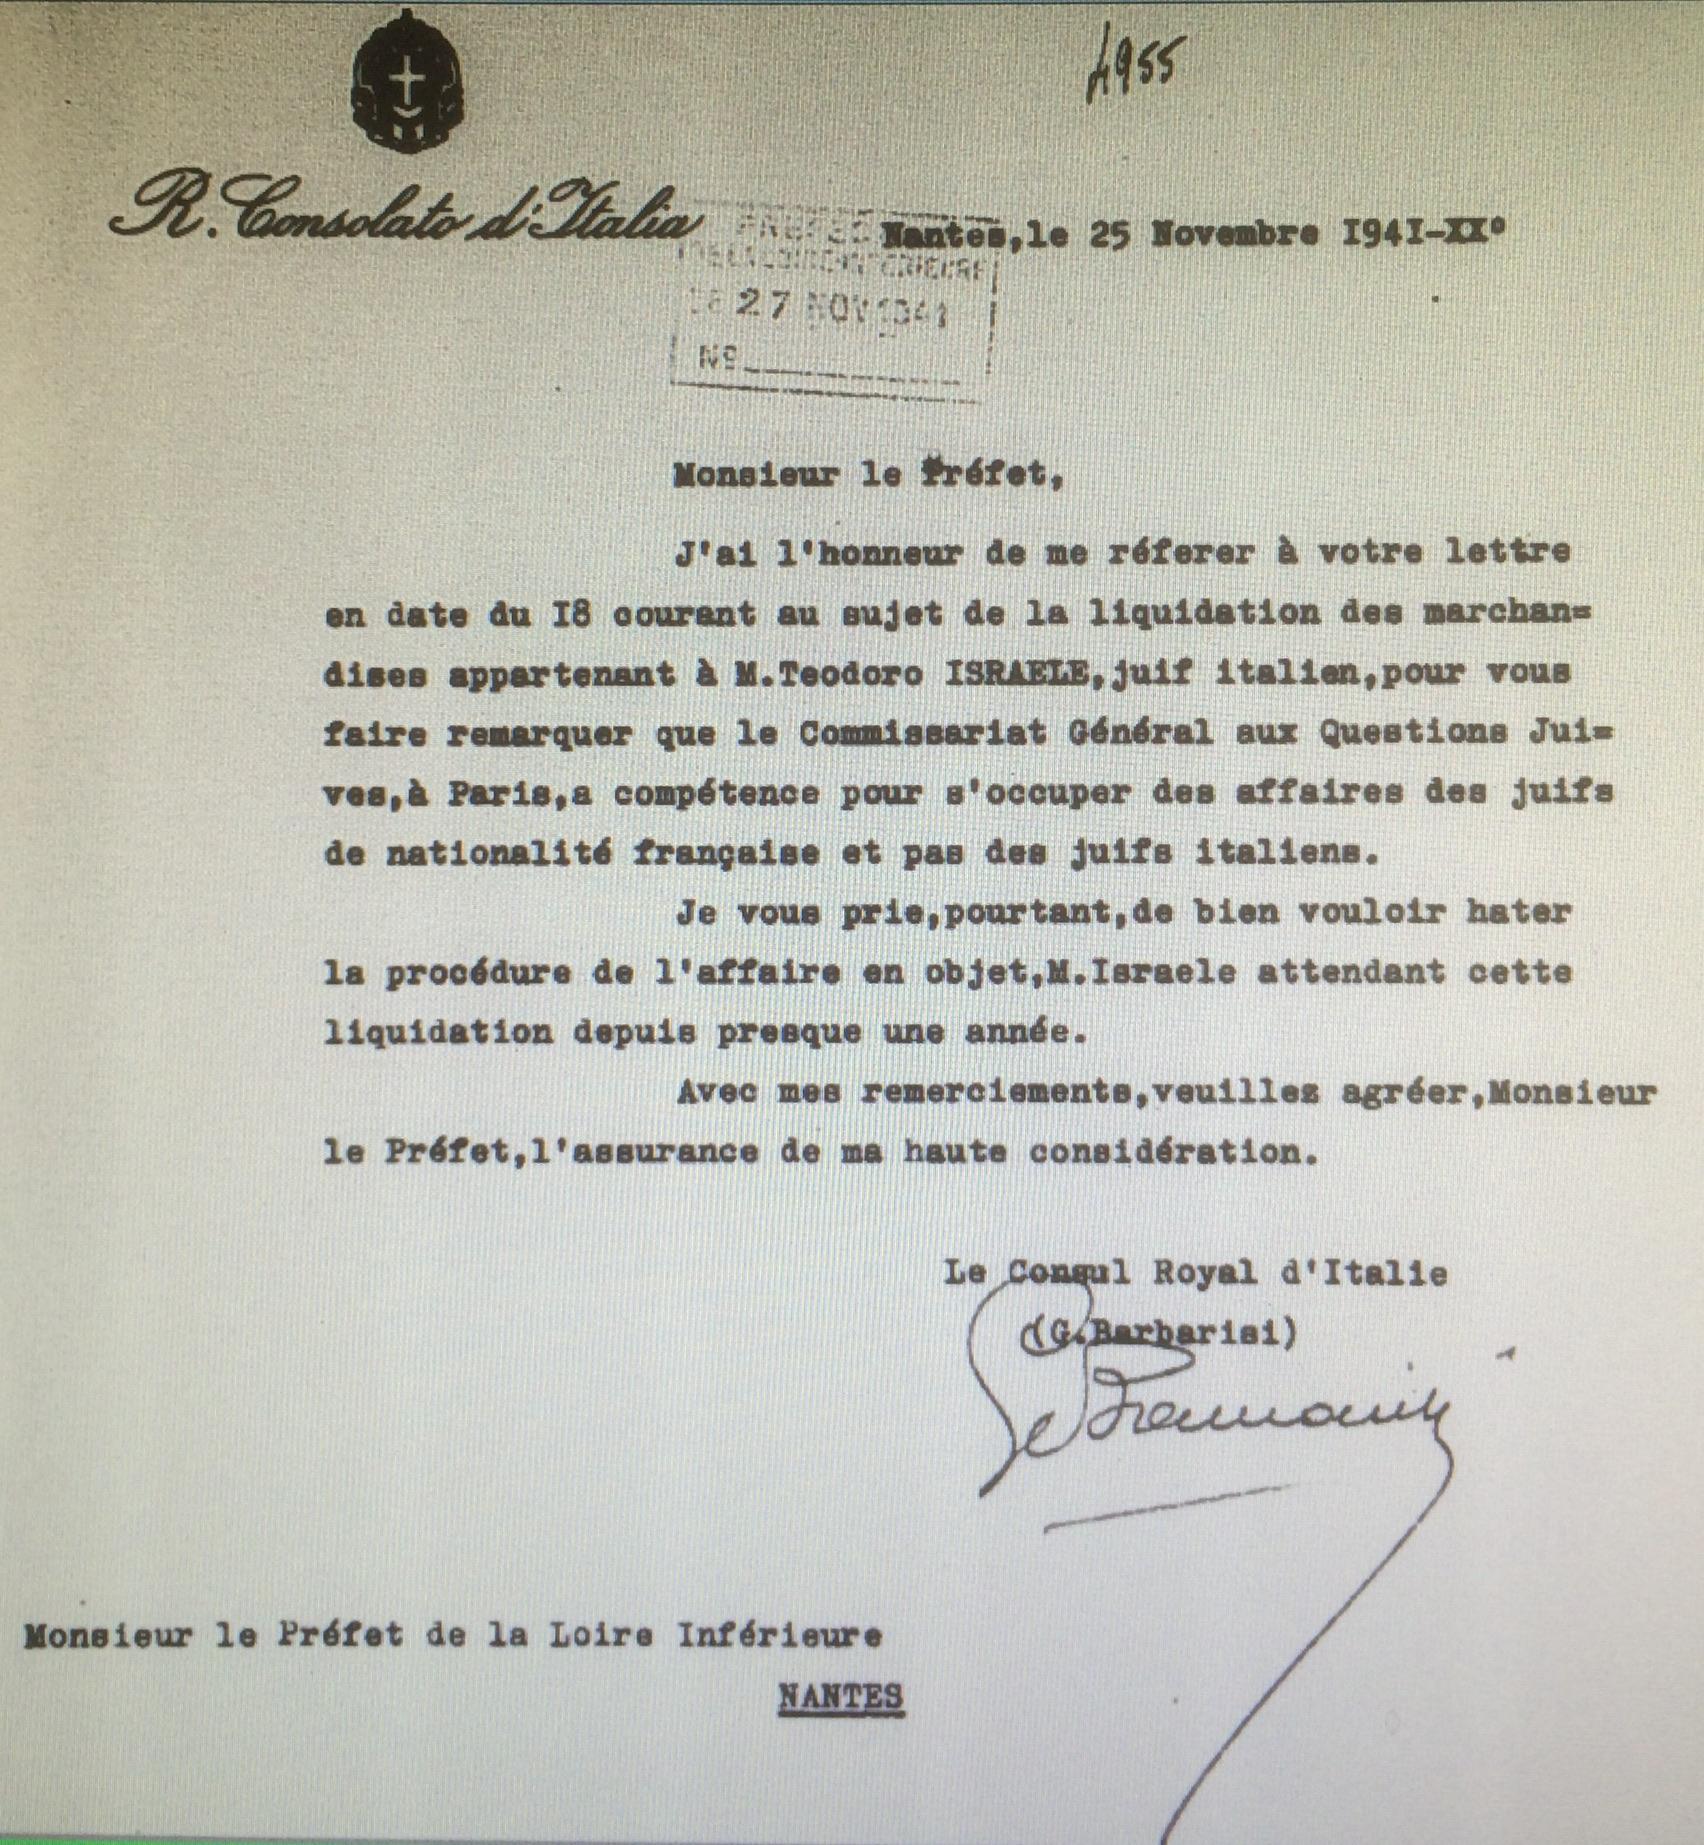 Courrier Consulat d'Italie 25 novembre 1941 [AN AJ38/4598 dossier n°2534]